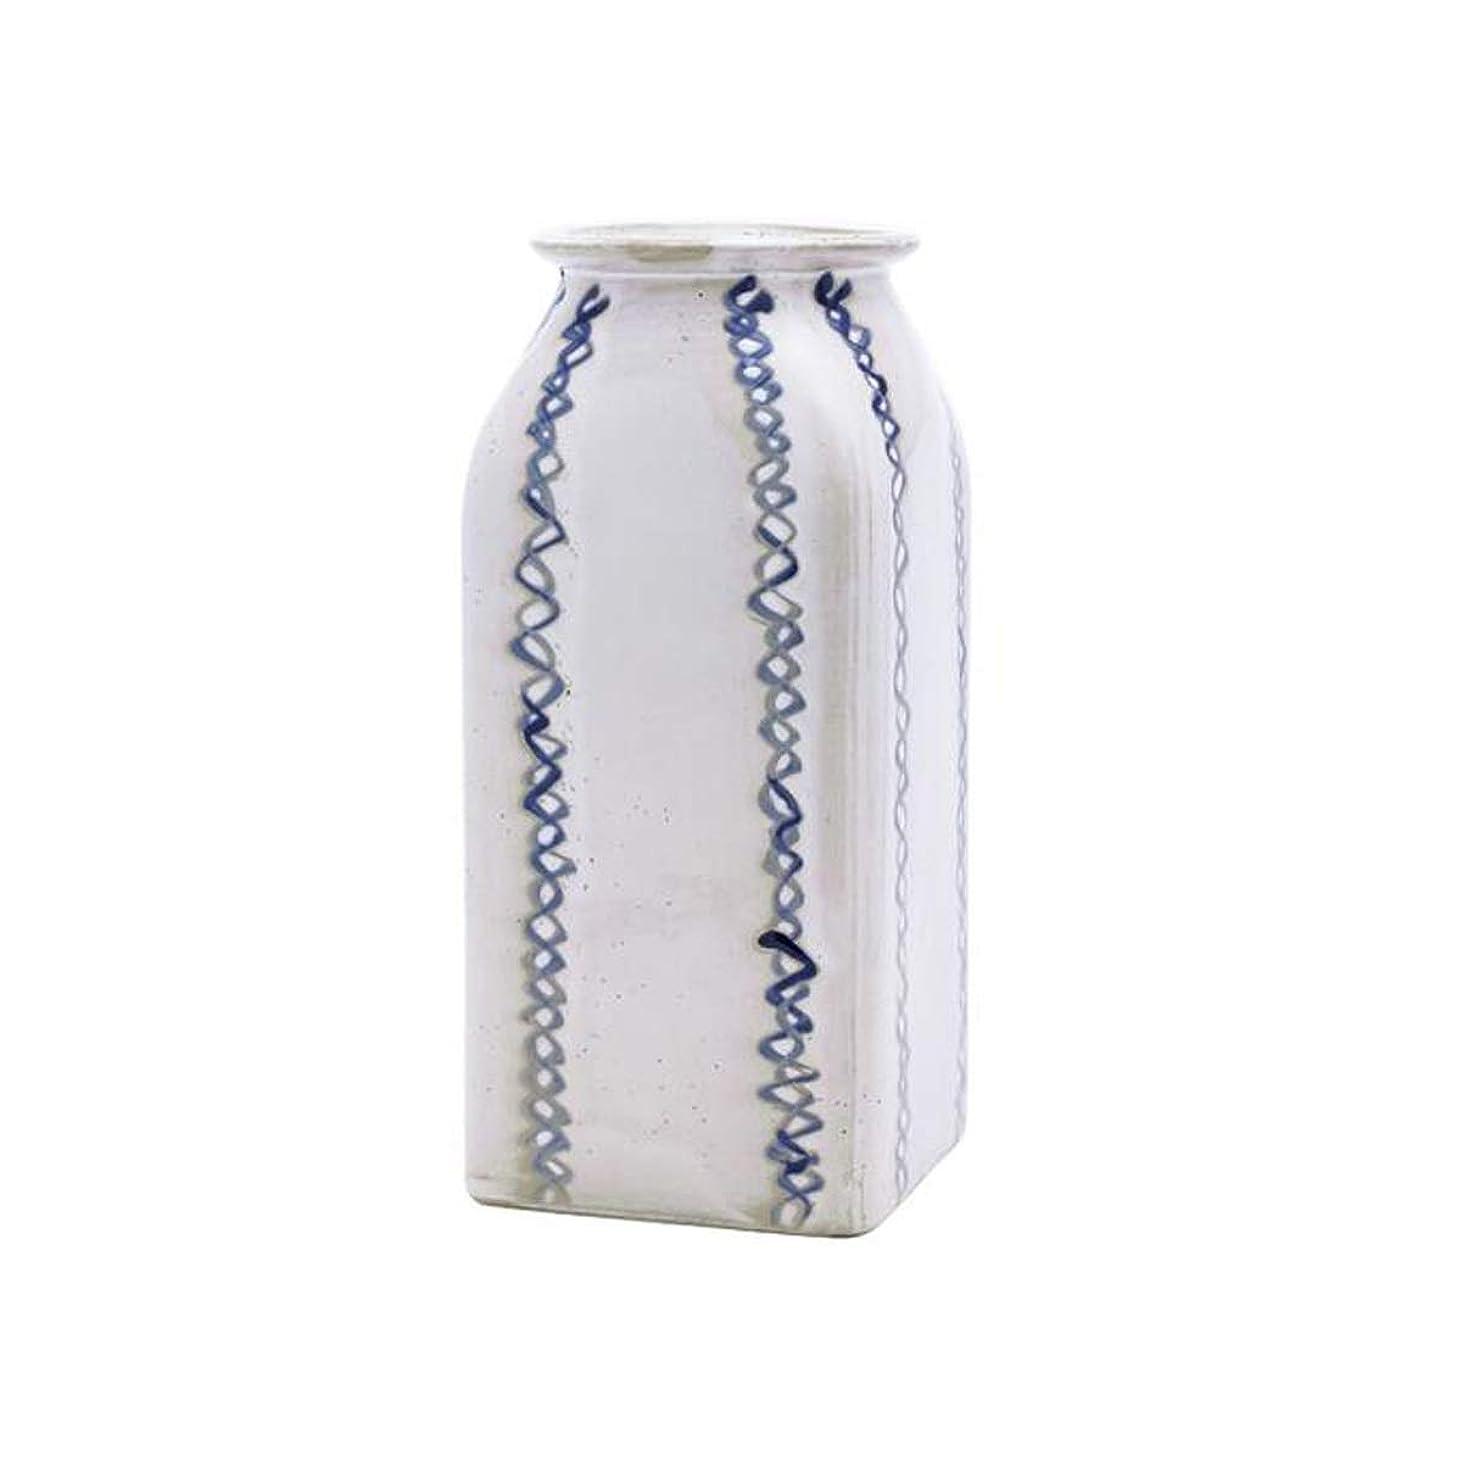 良性世辞アレイLHSY 花瓶セラミック花瓶シンプルなスクエアボトルホームデコレーション現代のデコレーションフラワー挿入 (Color : White)